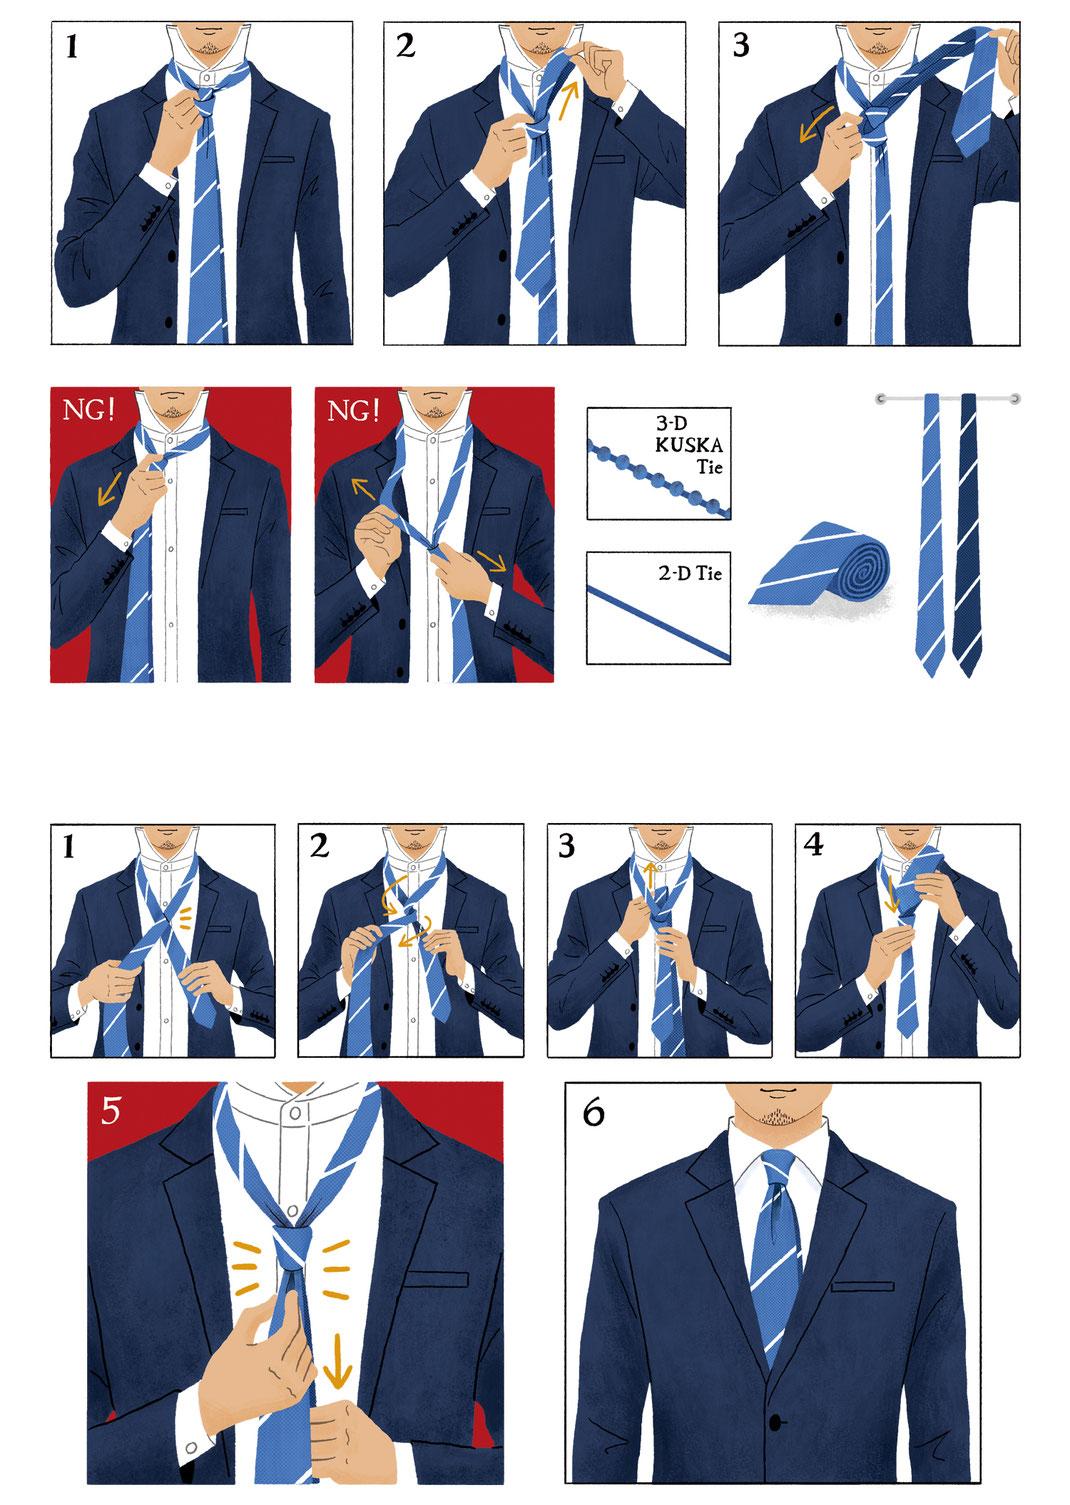 ネクタイの結び方 男性 スーツ